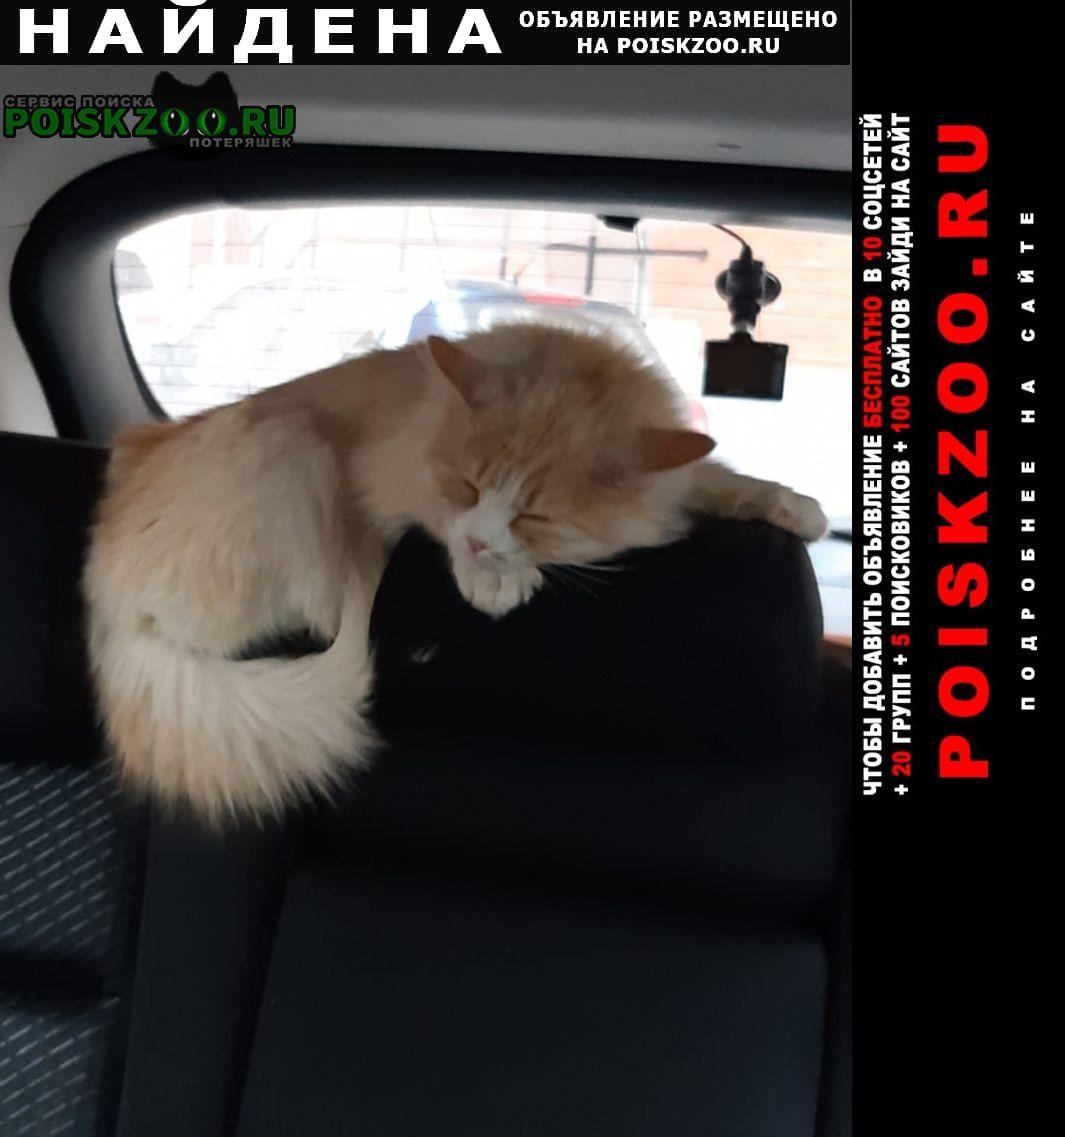 Найдена кошка домашний, 5-месячный, мальчик Рязань